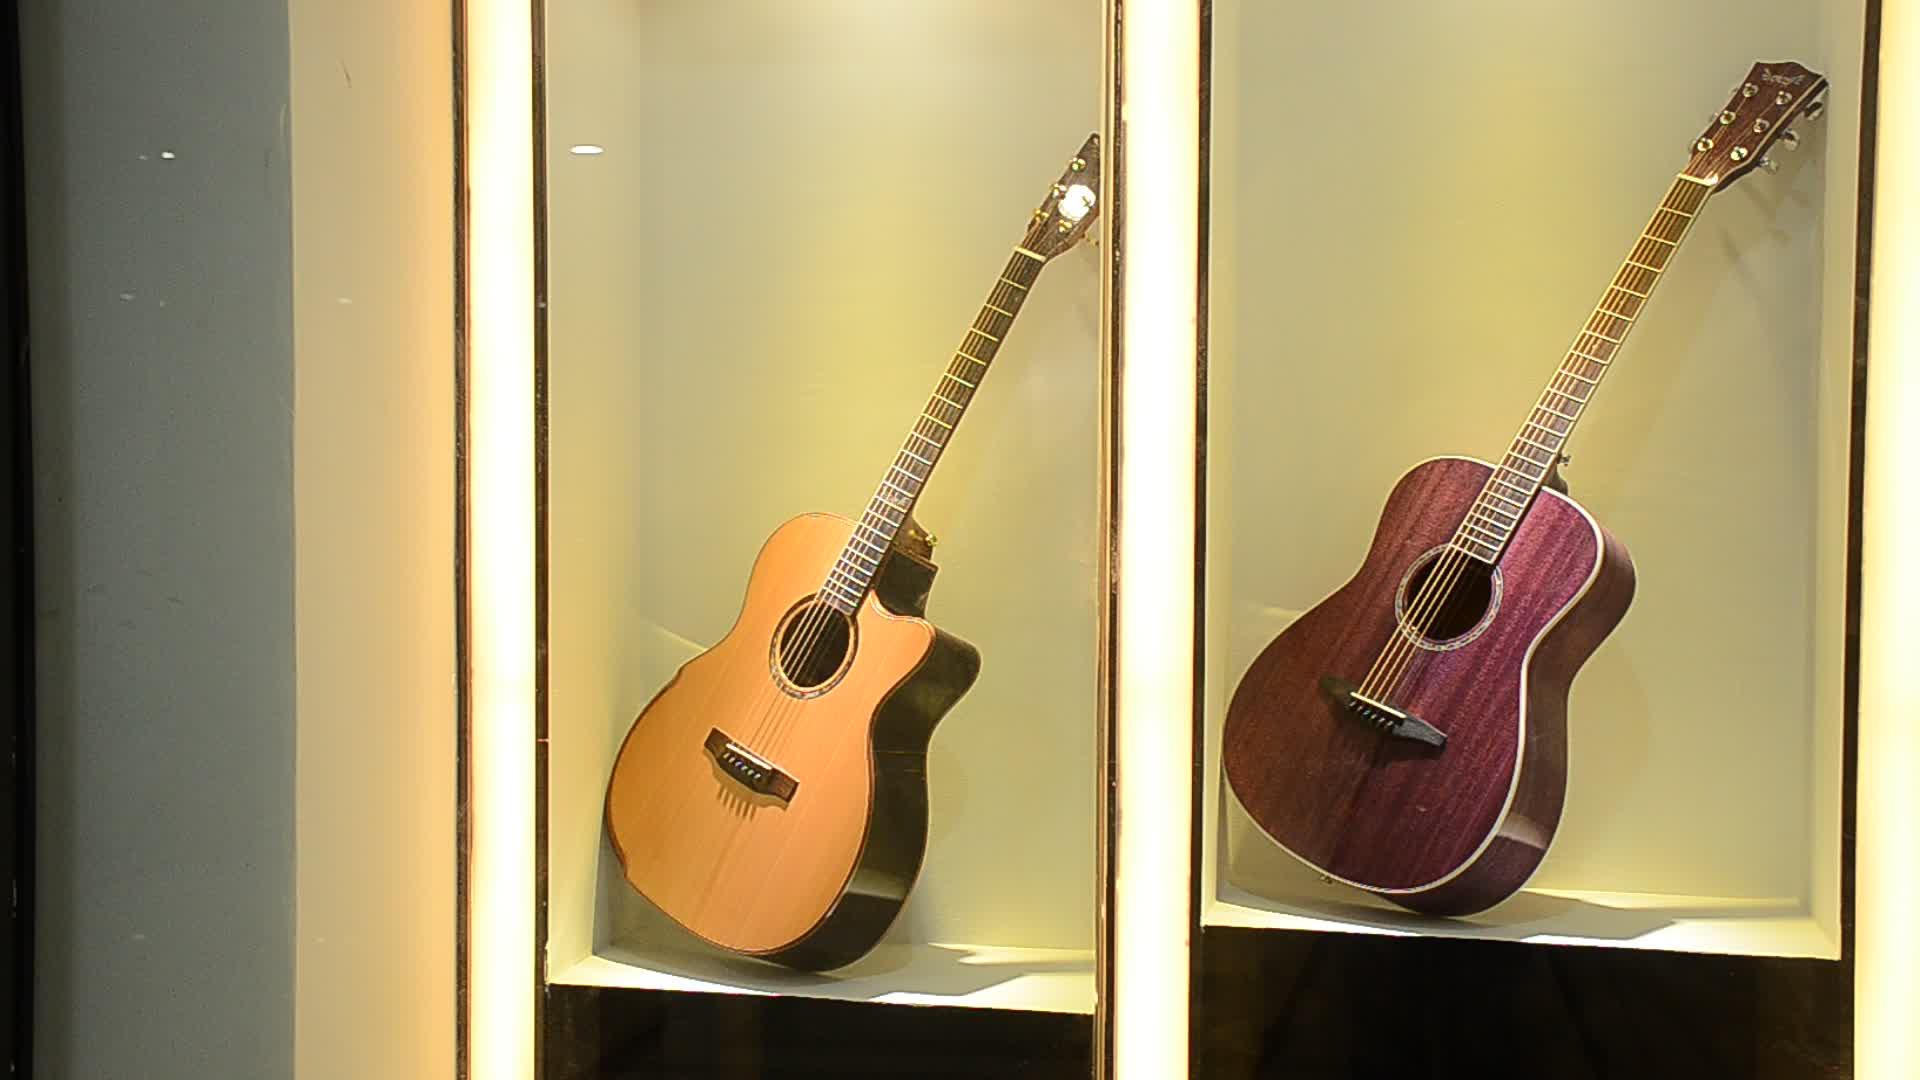 Quảng châu nhạc cụ acoustic electric guitar